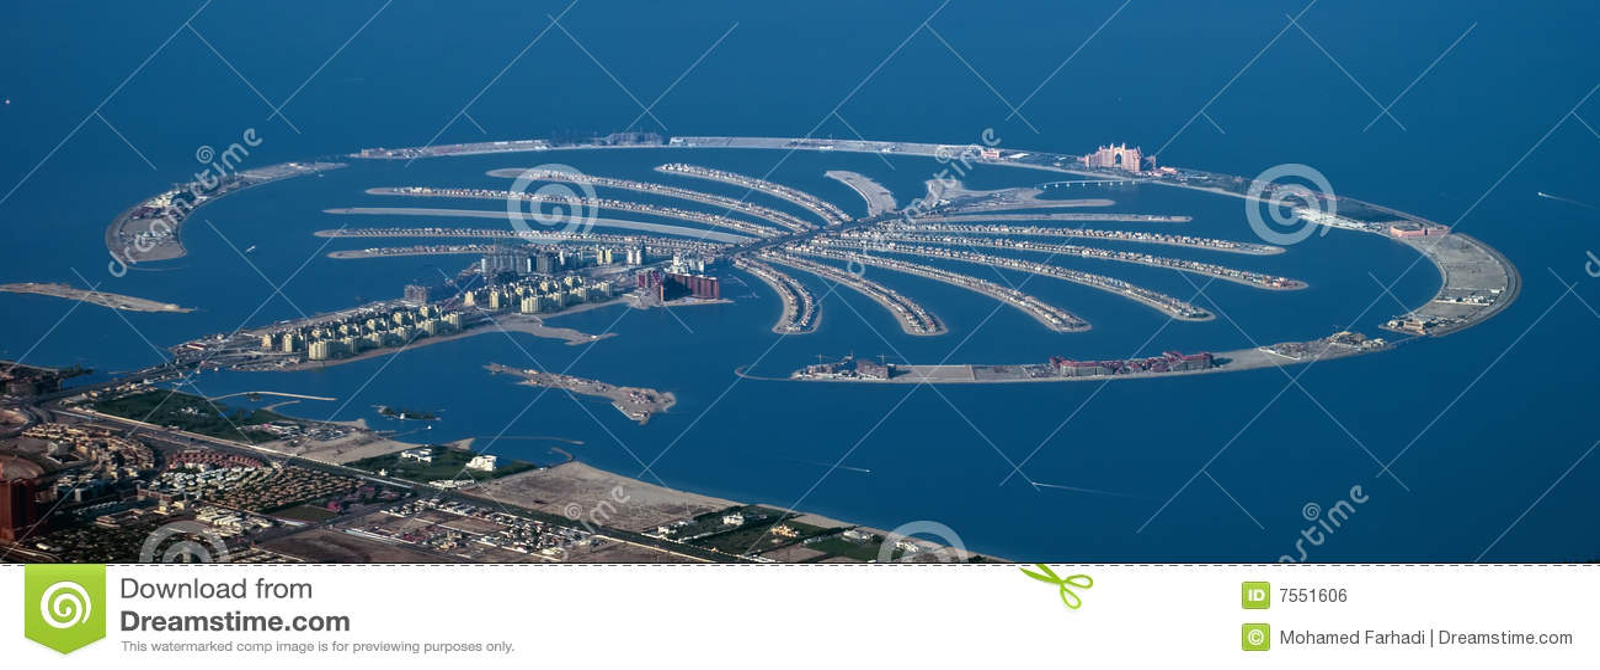 Palmeninsel - Dubai